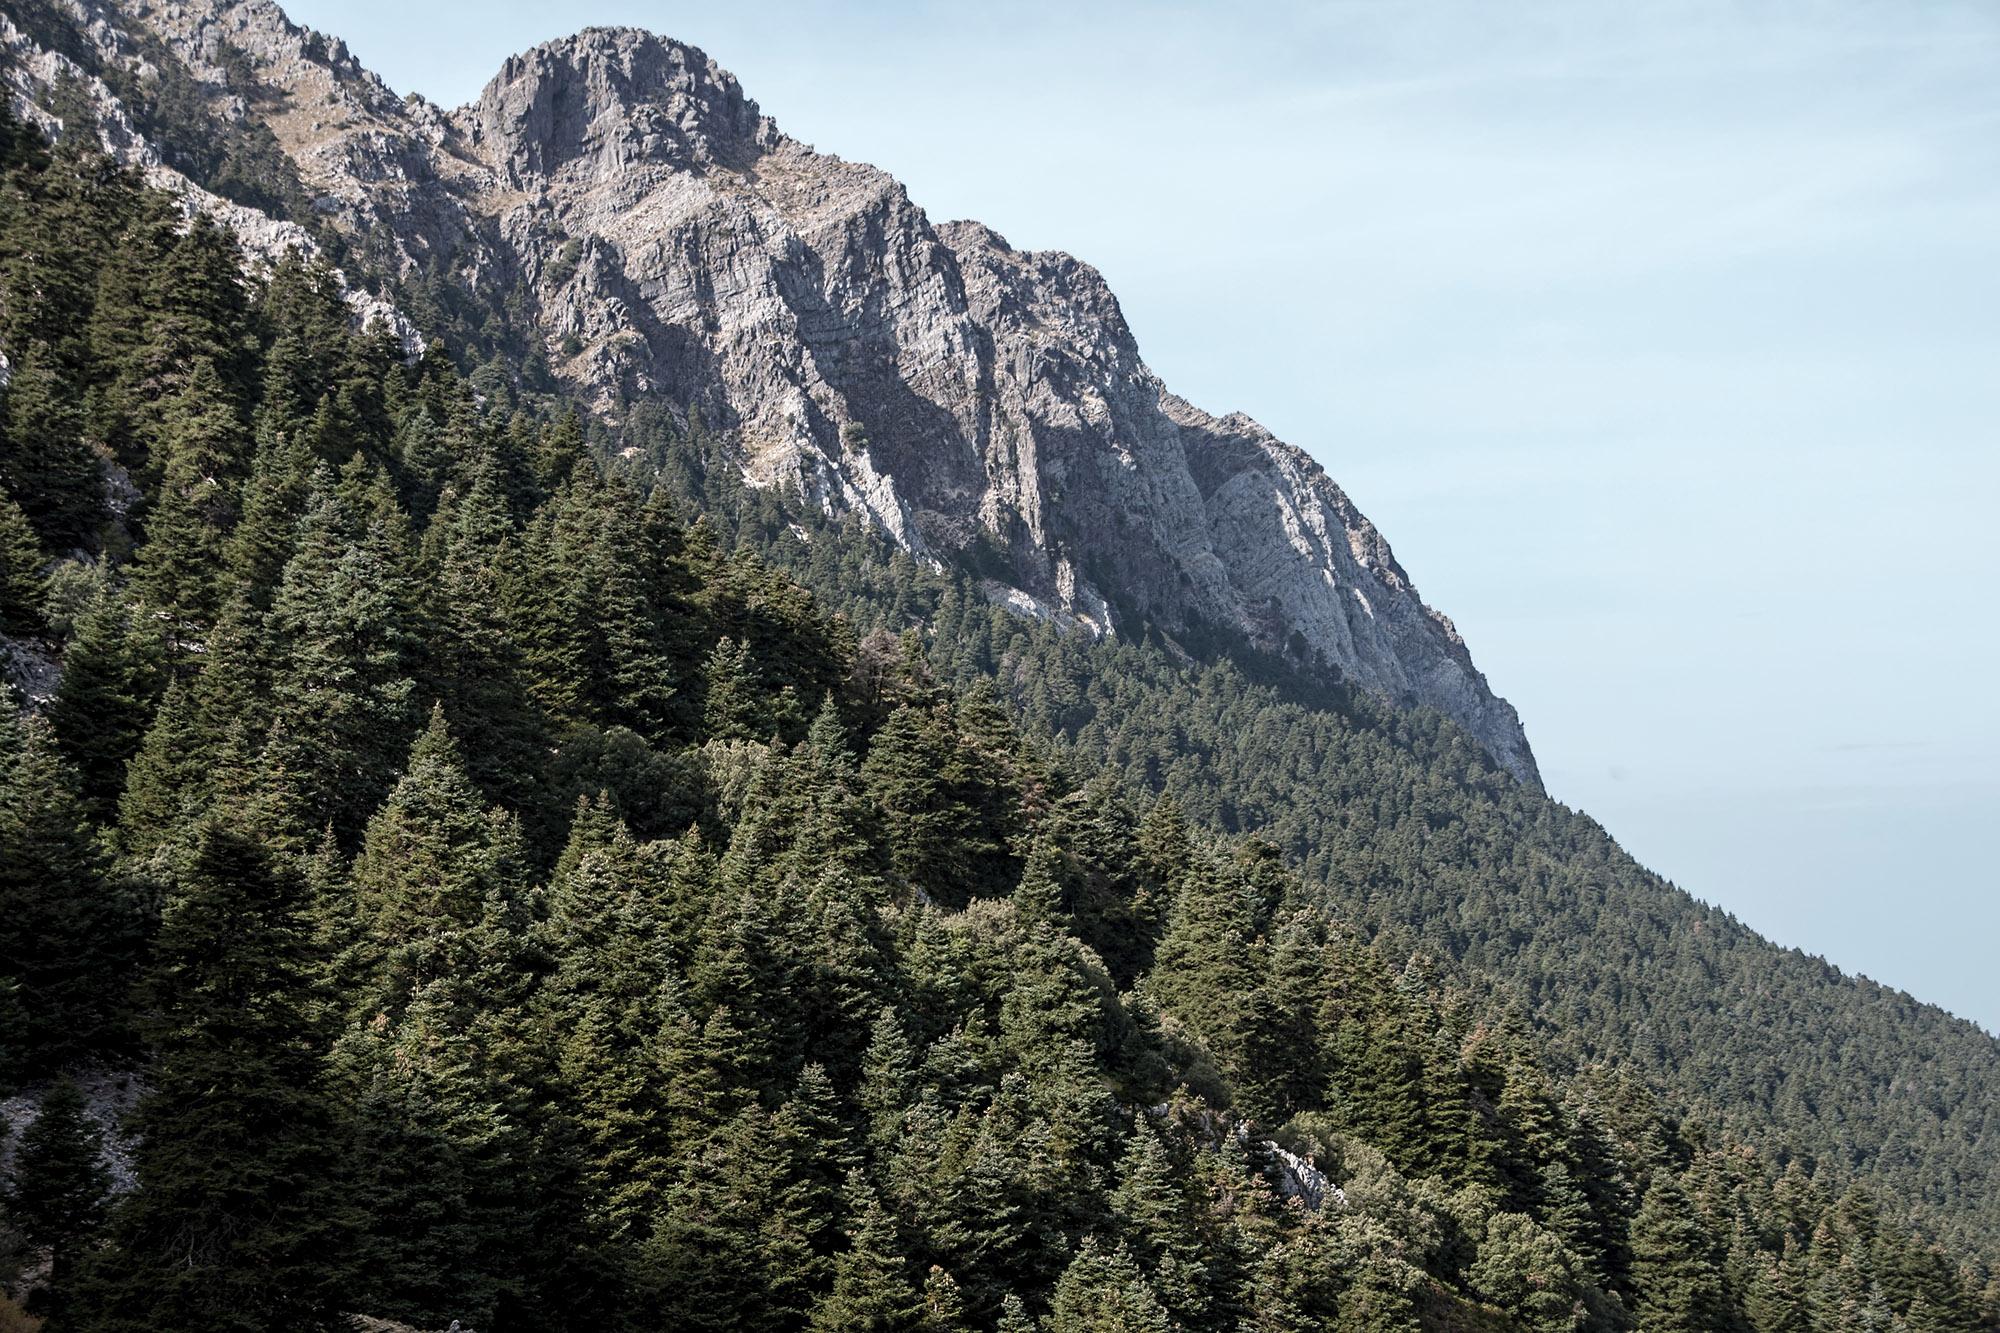 Pinsapar del Parque Natural de las sierras de Grazalema y Líbar